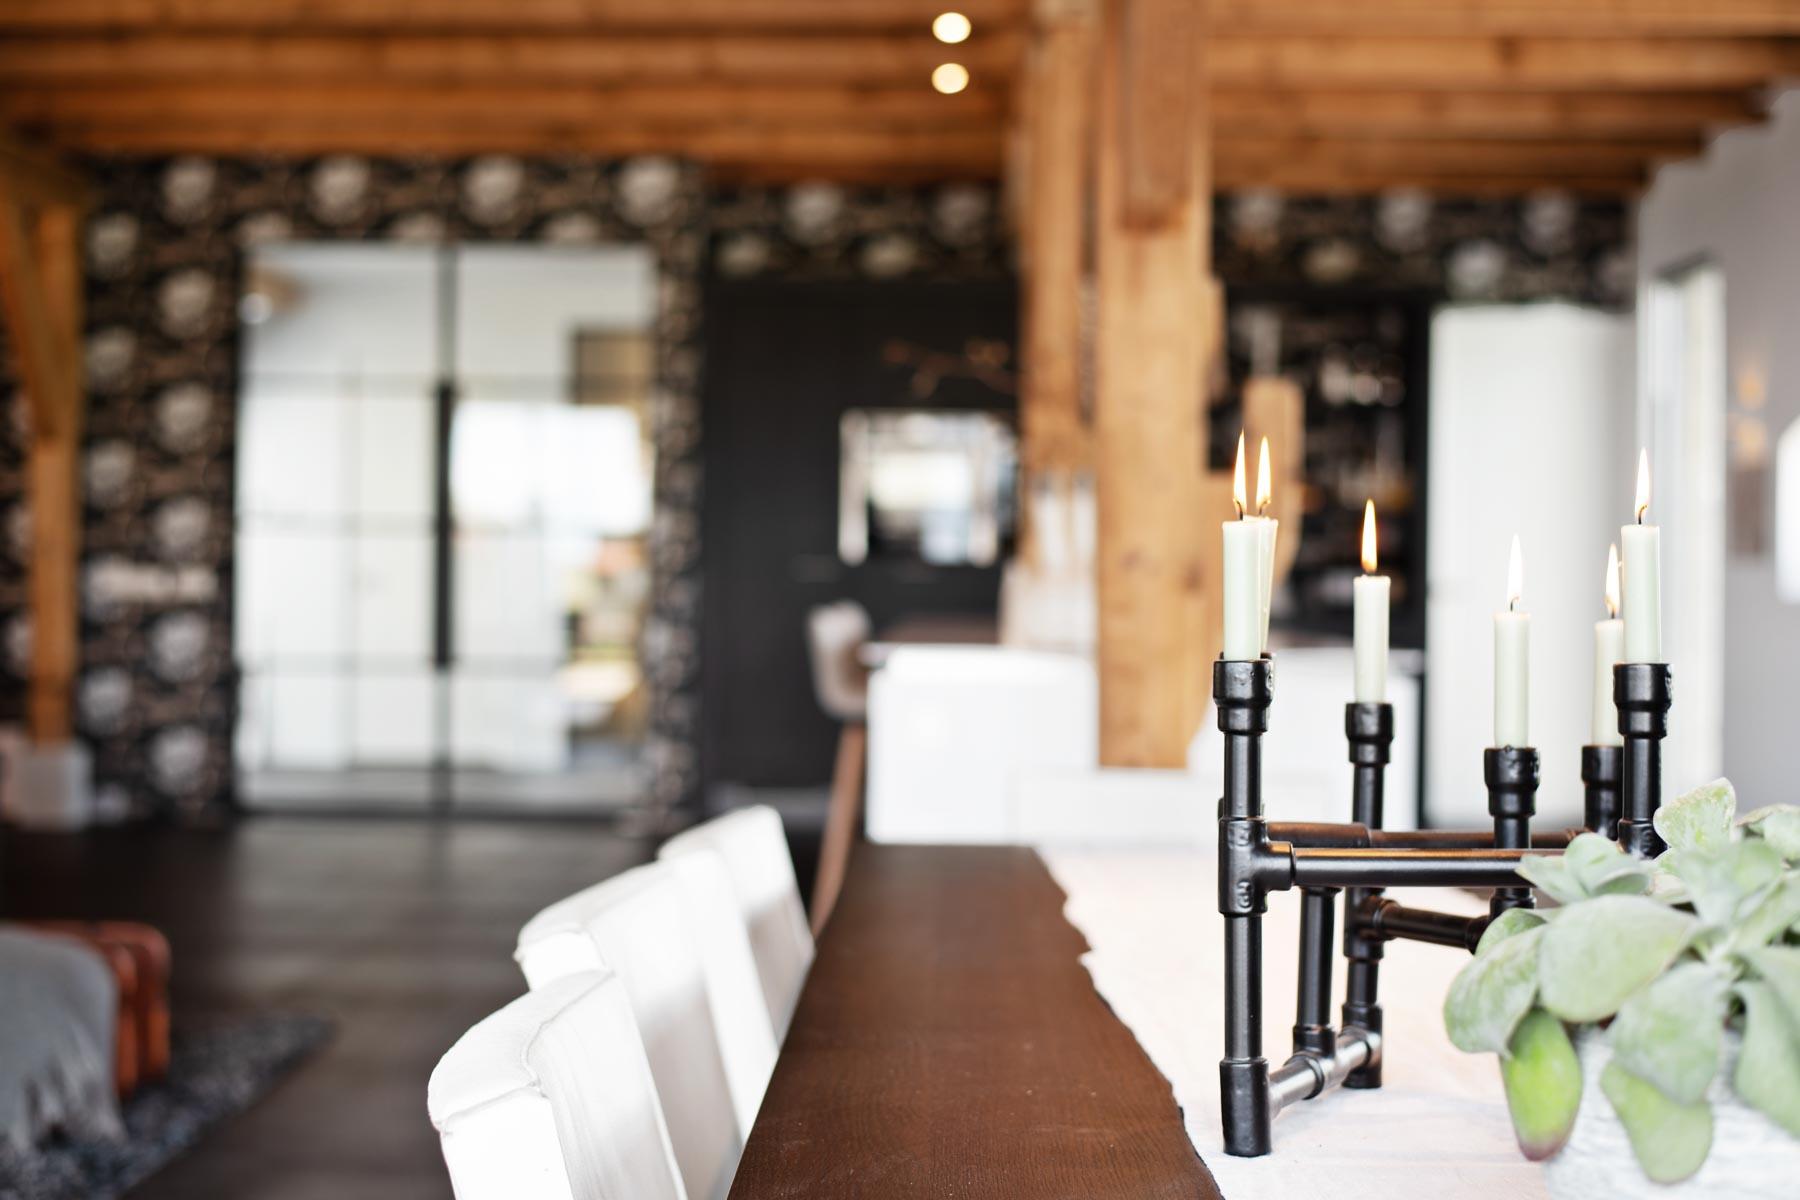 Moderne witte keuken - Verbouwde boerderij | Van manen keukens